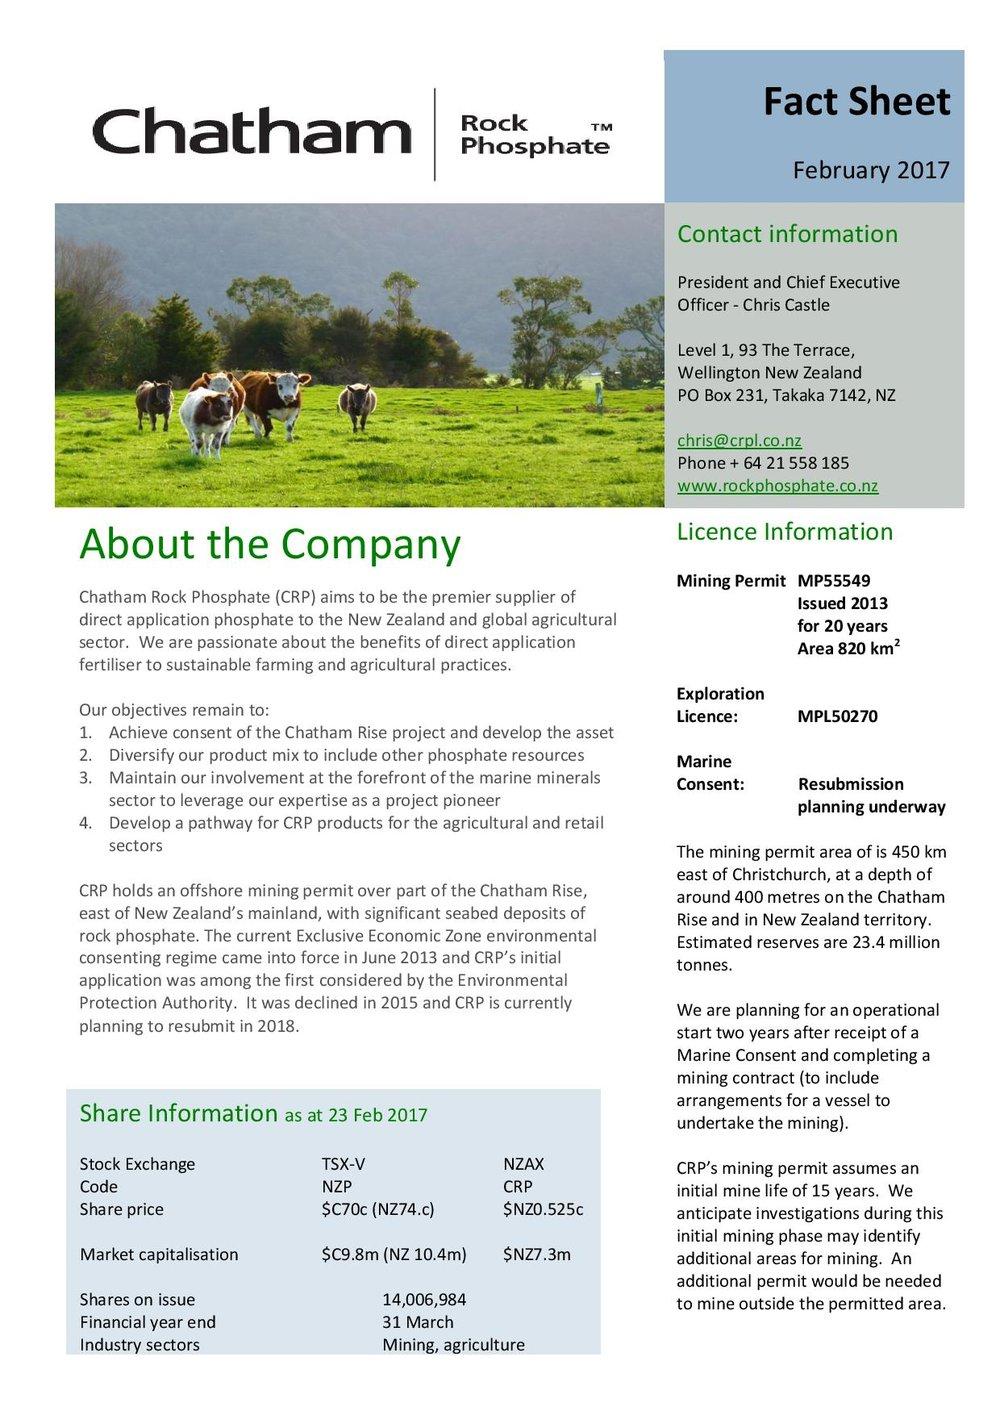 CRP Fact Sheet 23 Feb 2017-page-001.jpg